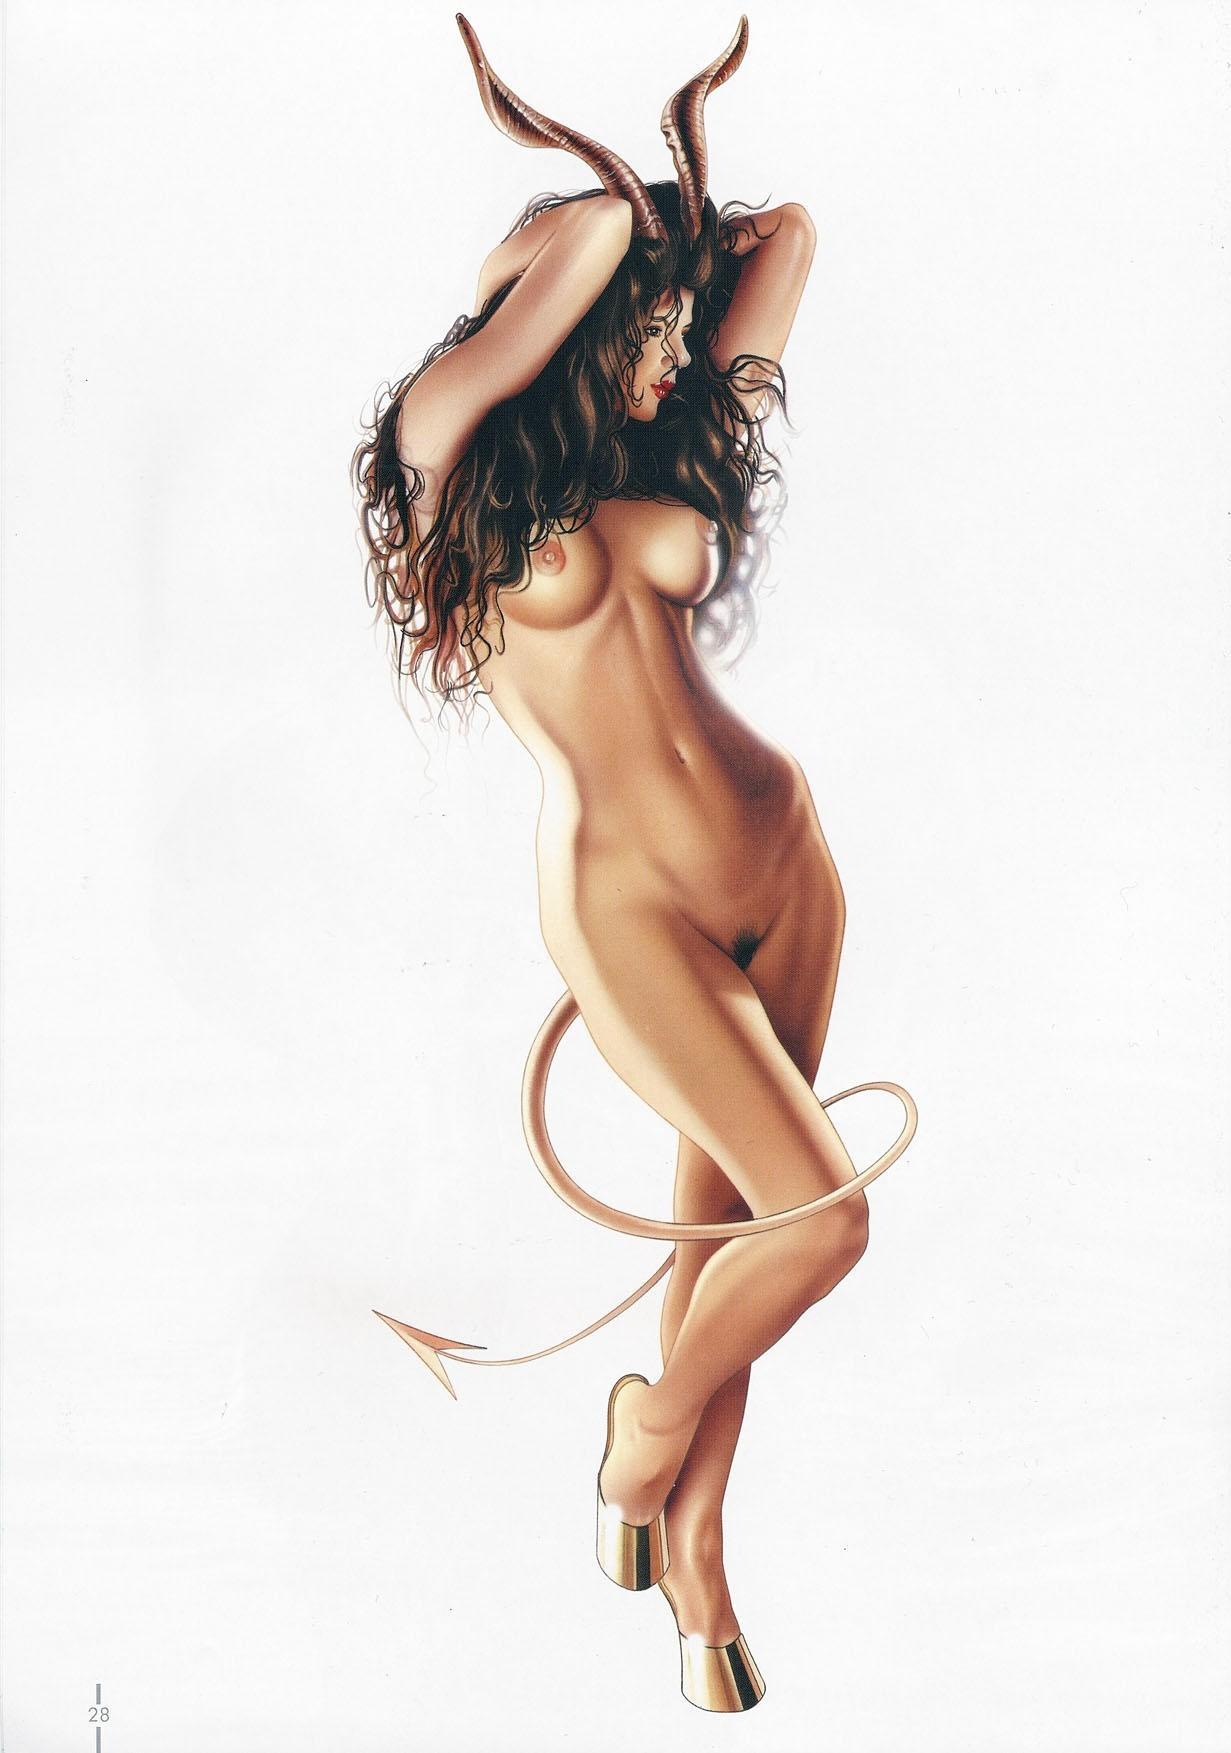 эротические рисунки pqalongese картинки № 486866 загрузить